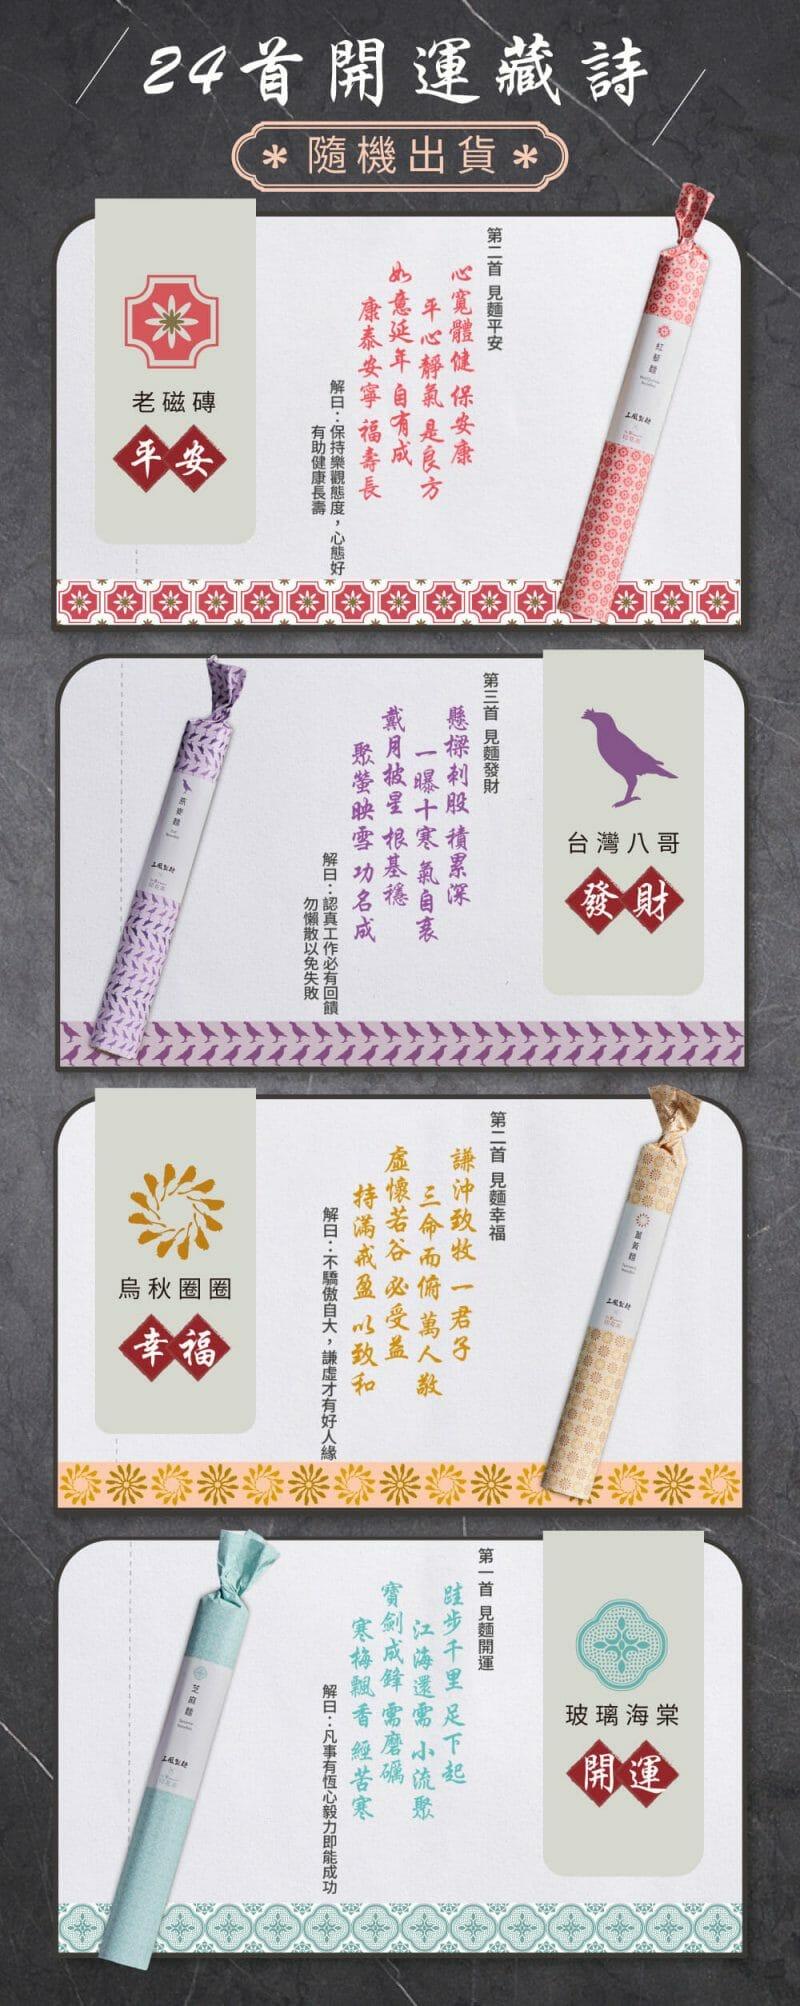 印花樂聯名【好運詩房麵】免運過年禮盒,2020銷售冠軍 - 9